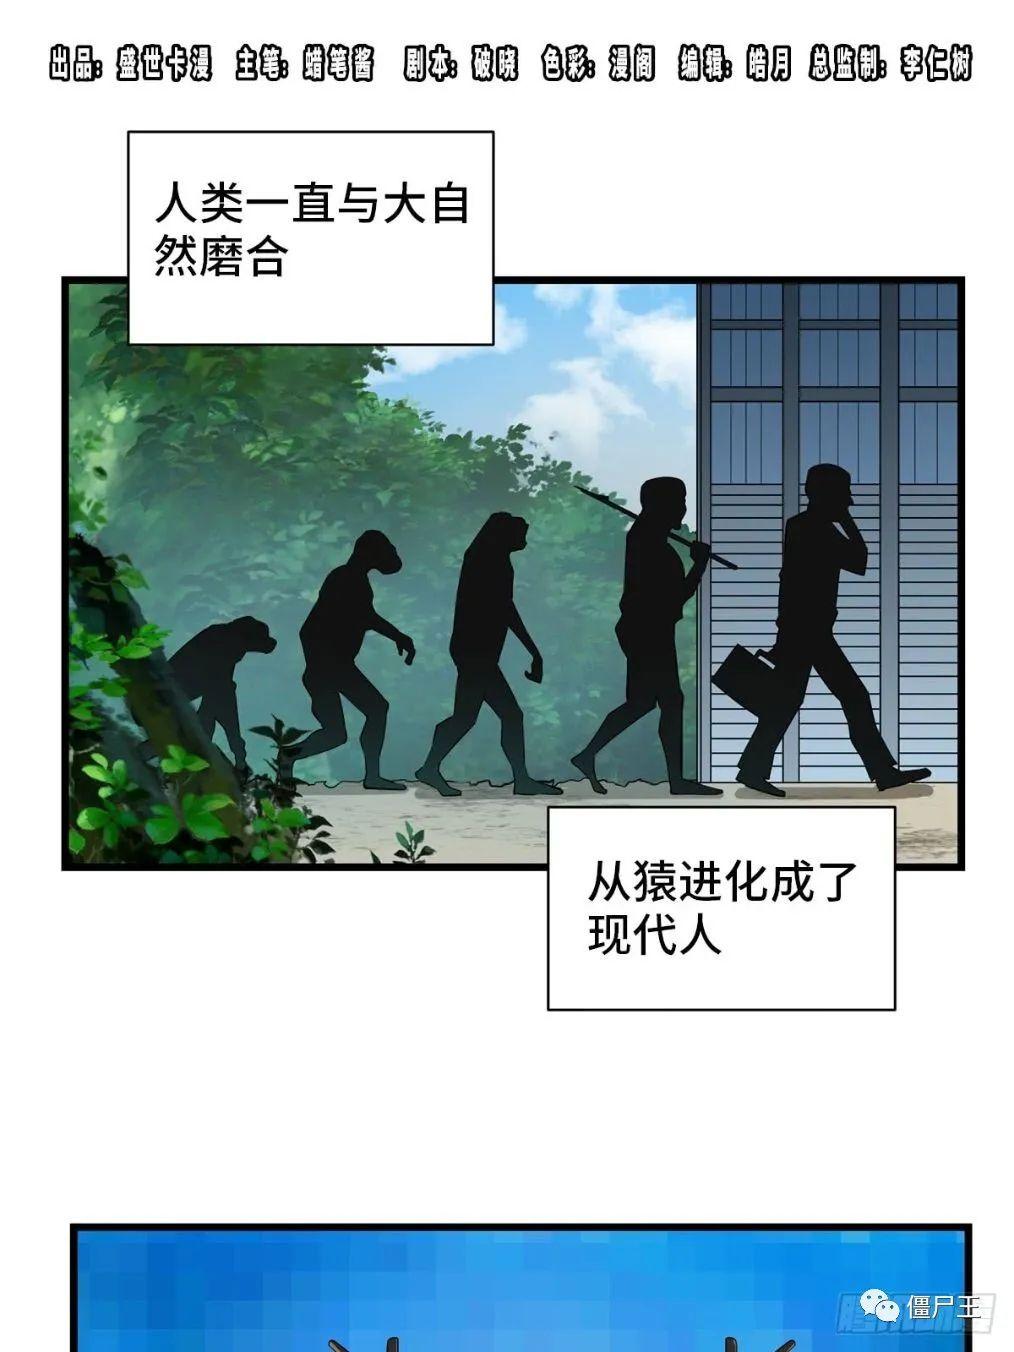 僵尸王漫画:心跳300秒之马赛克